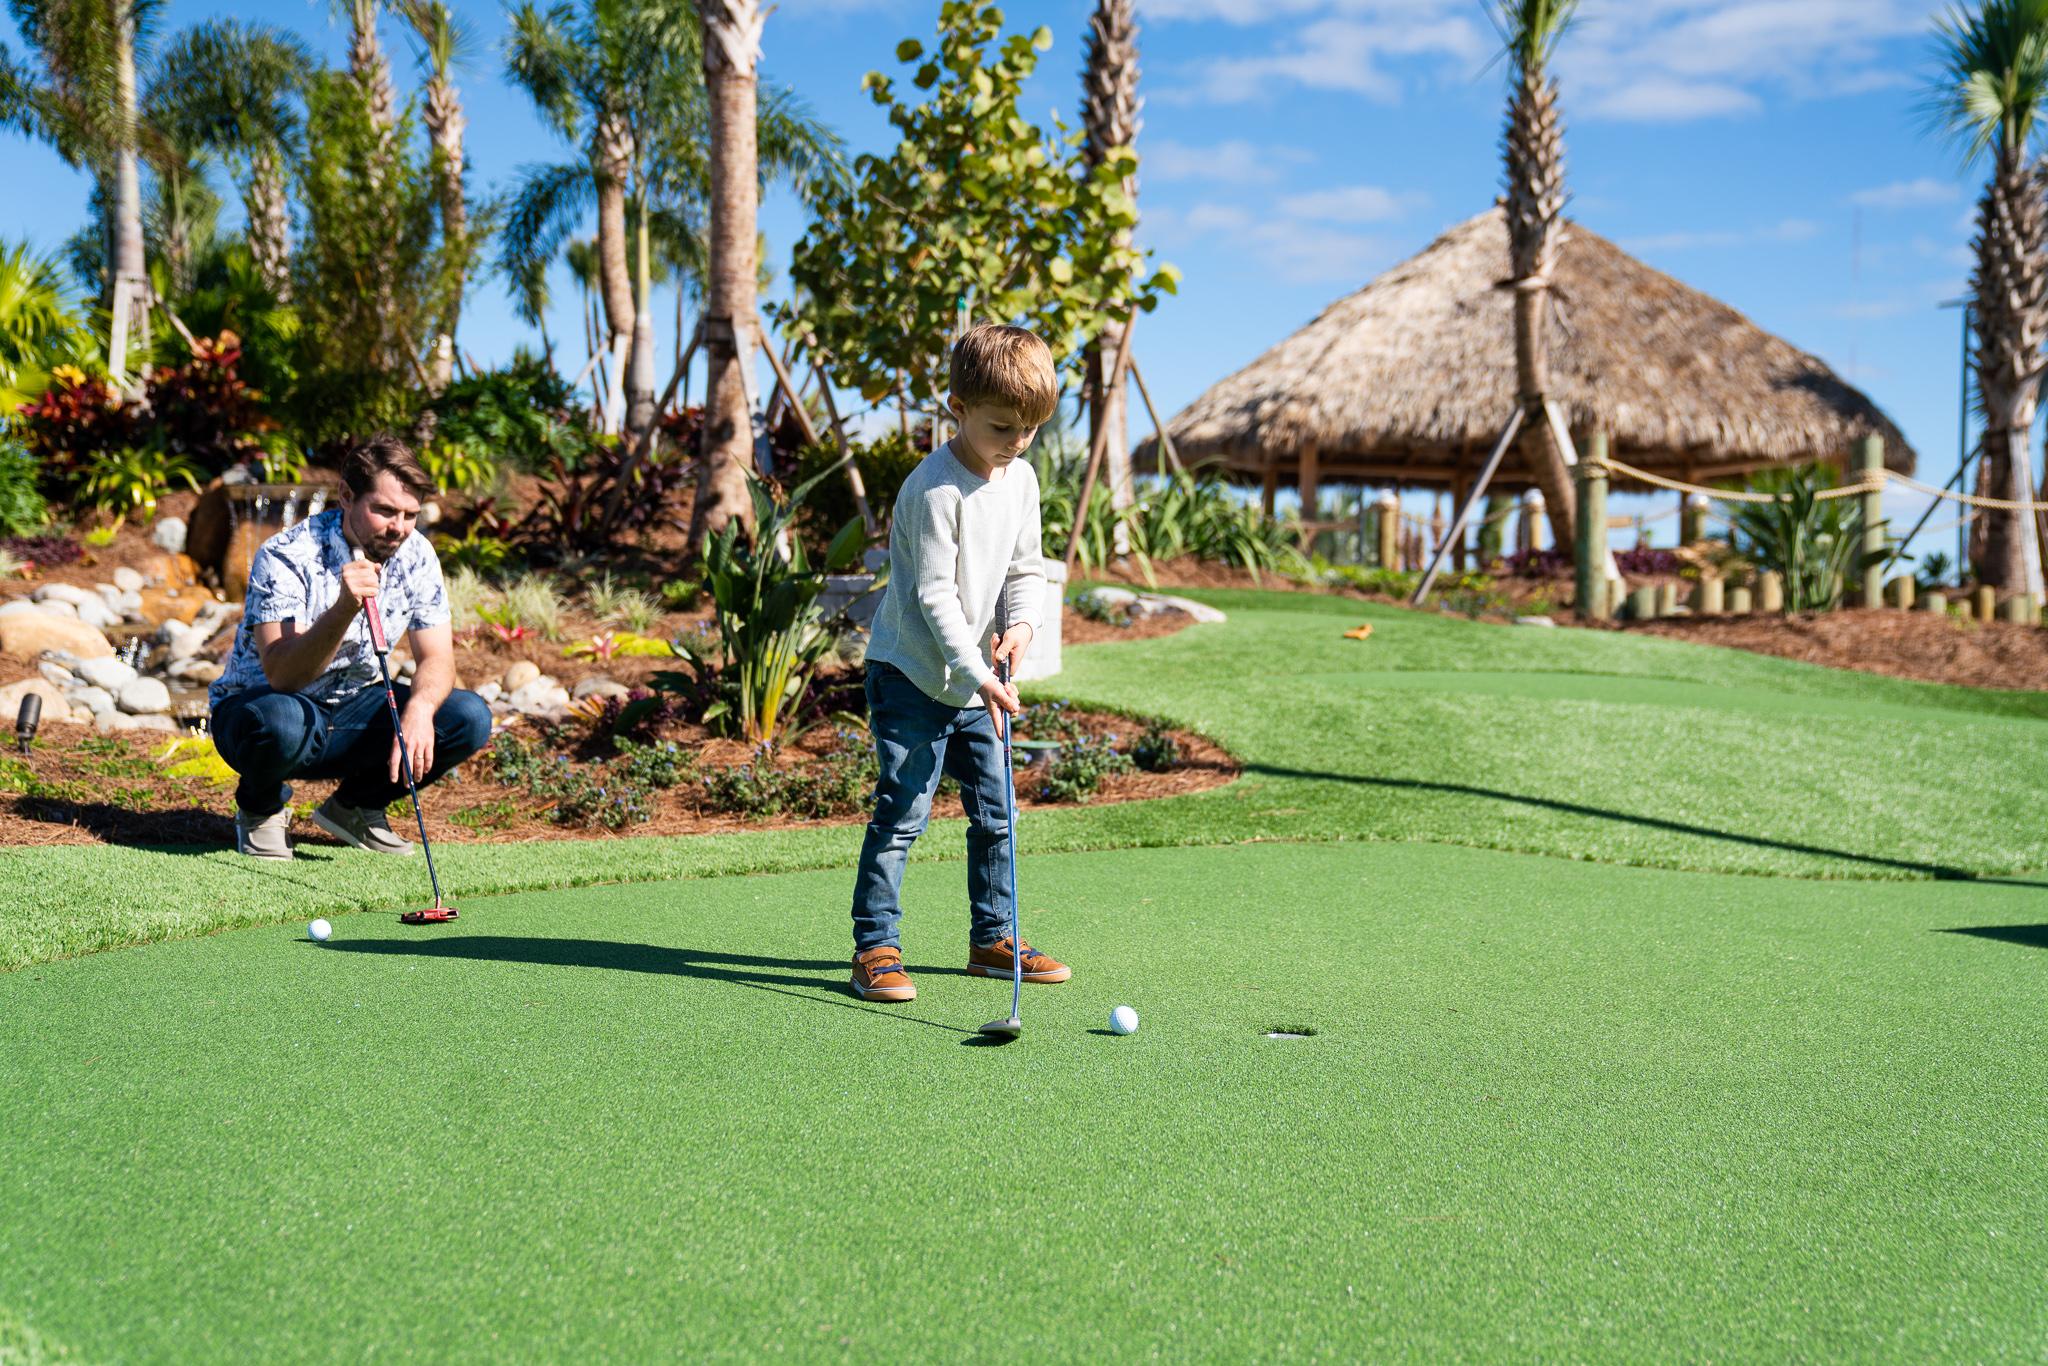 9-hole Mini golf Course